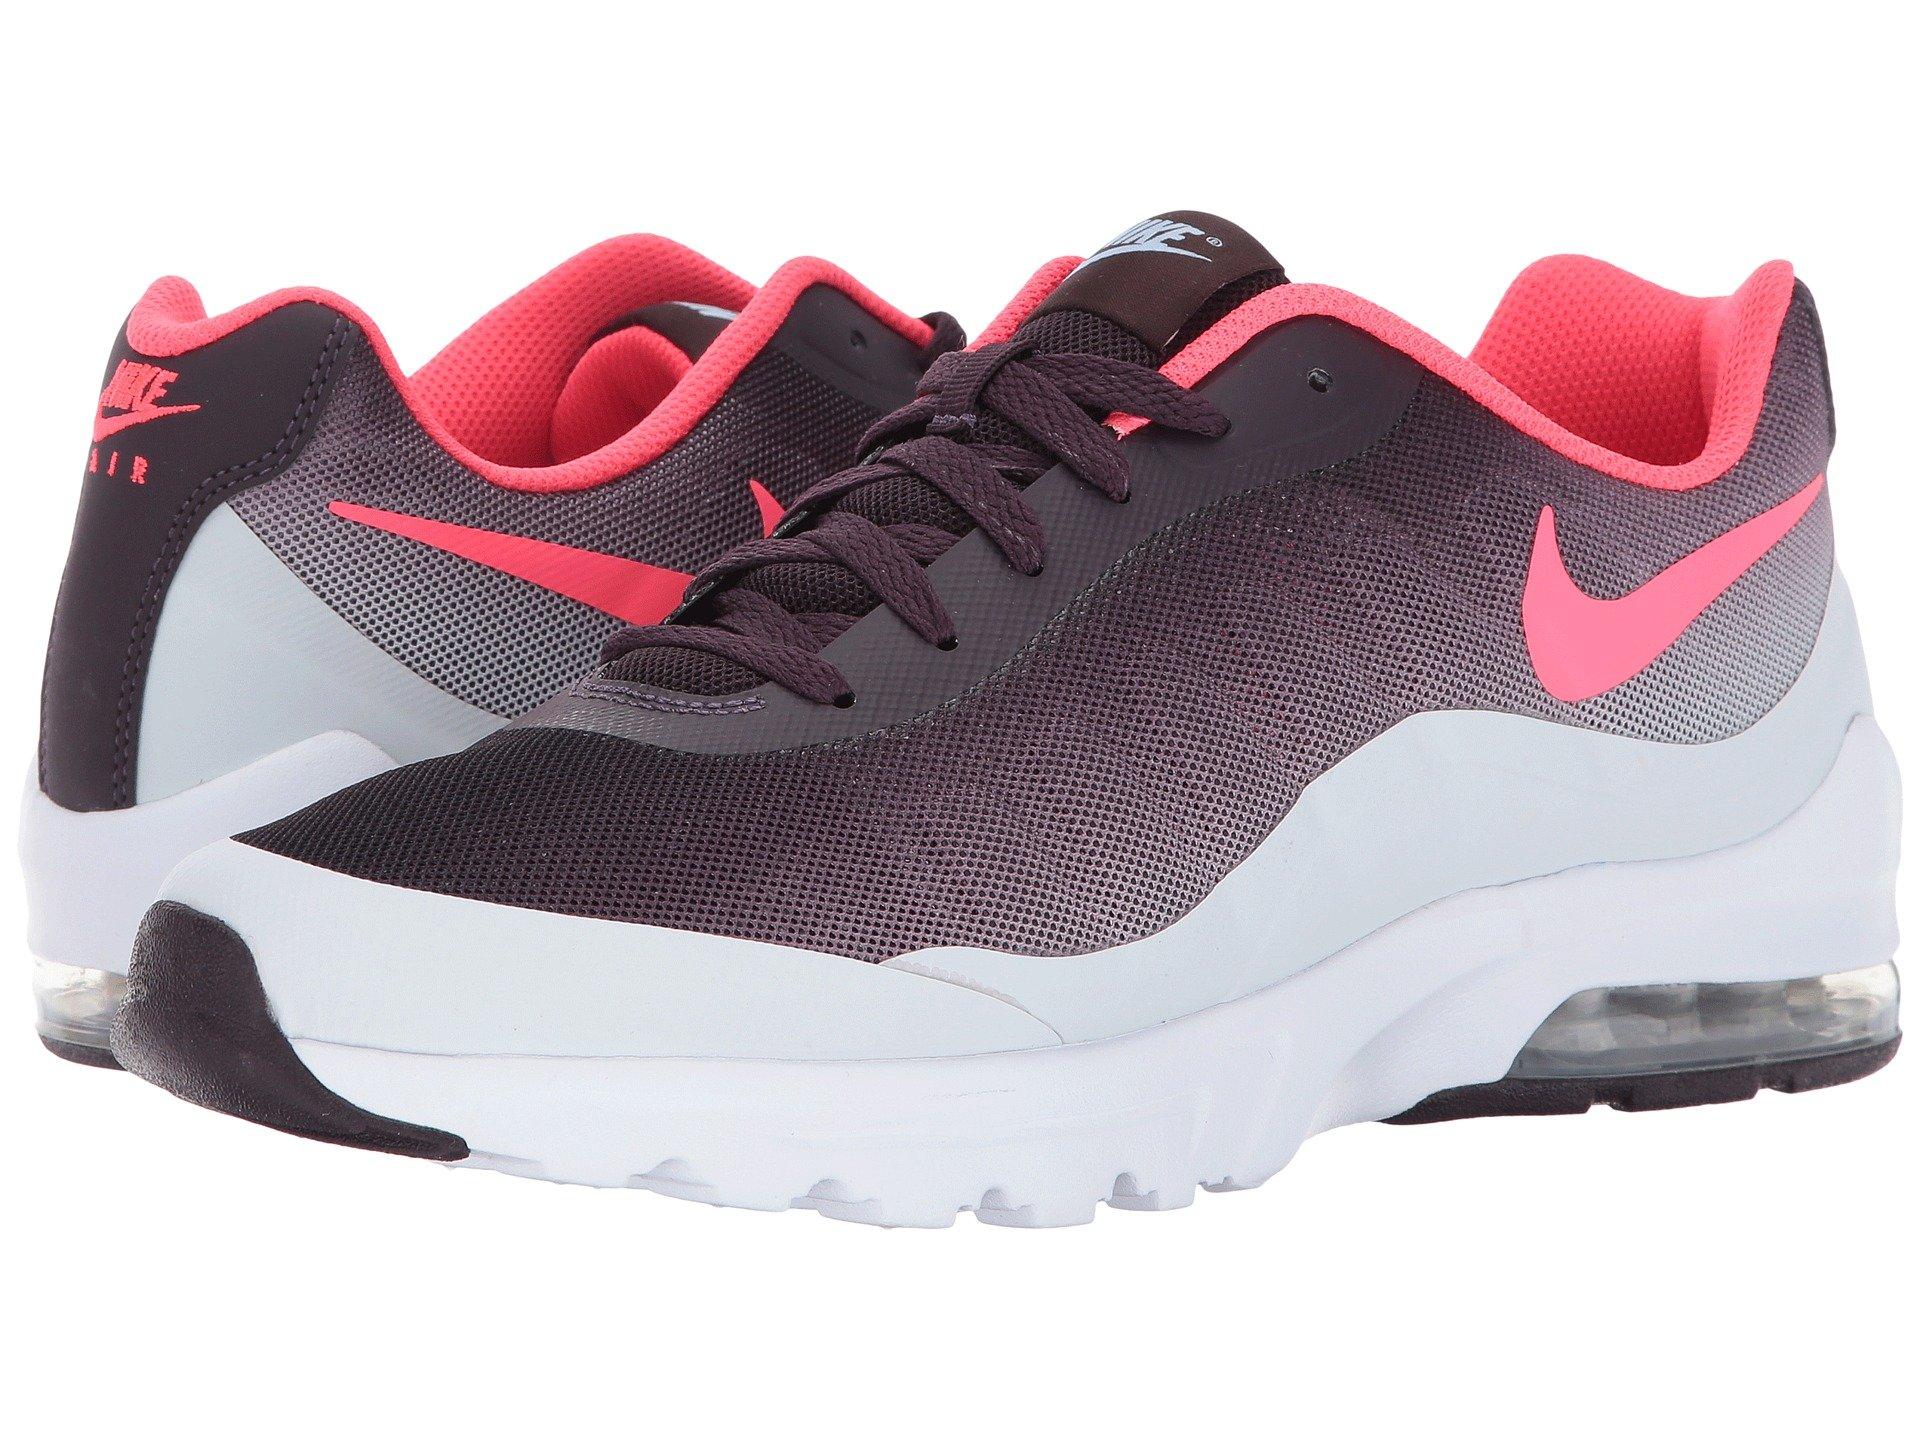 Nike Air Max Invigor Men's Sneakers BlackGrey Premium 547